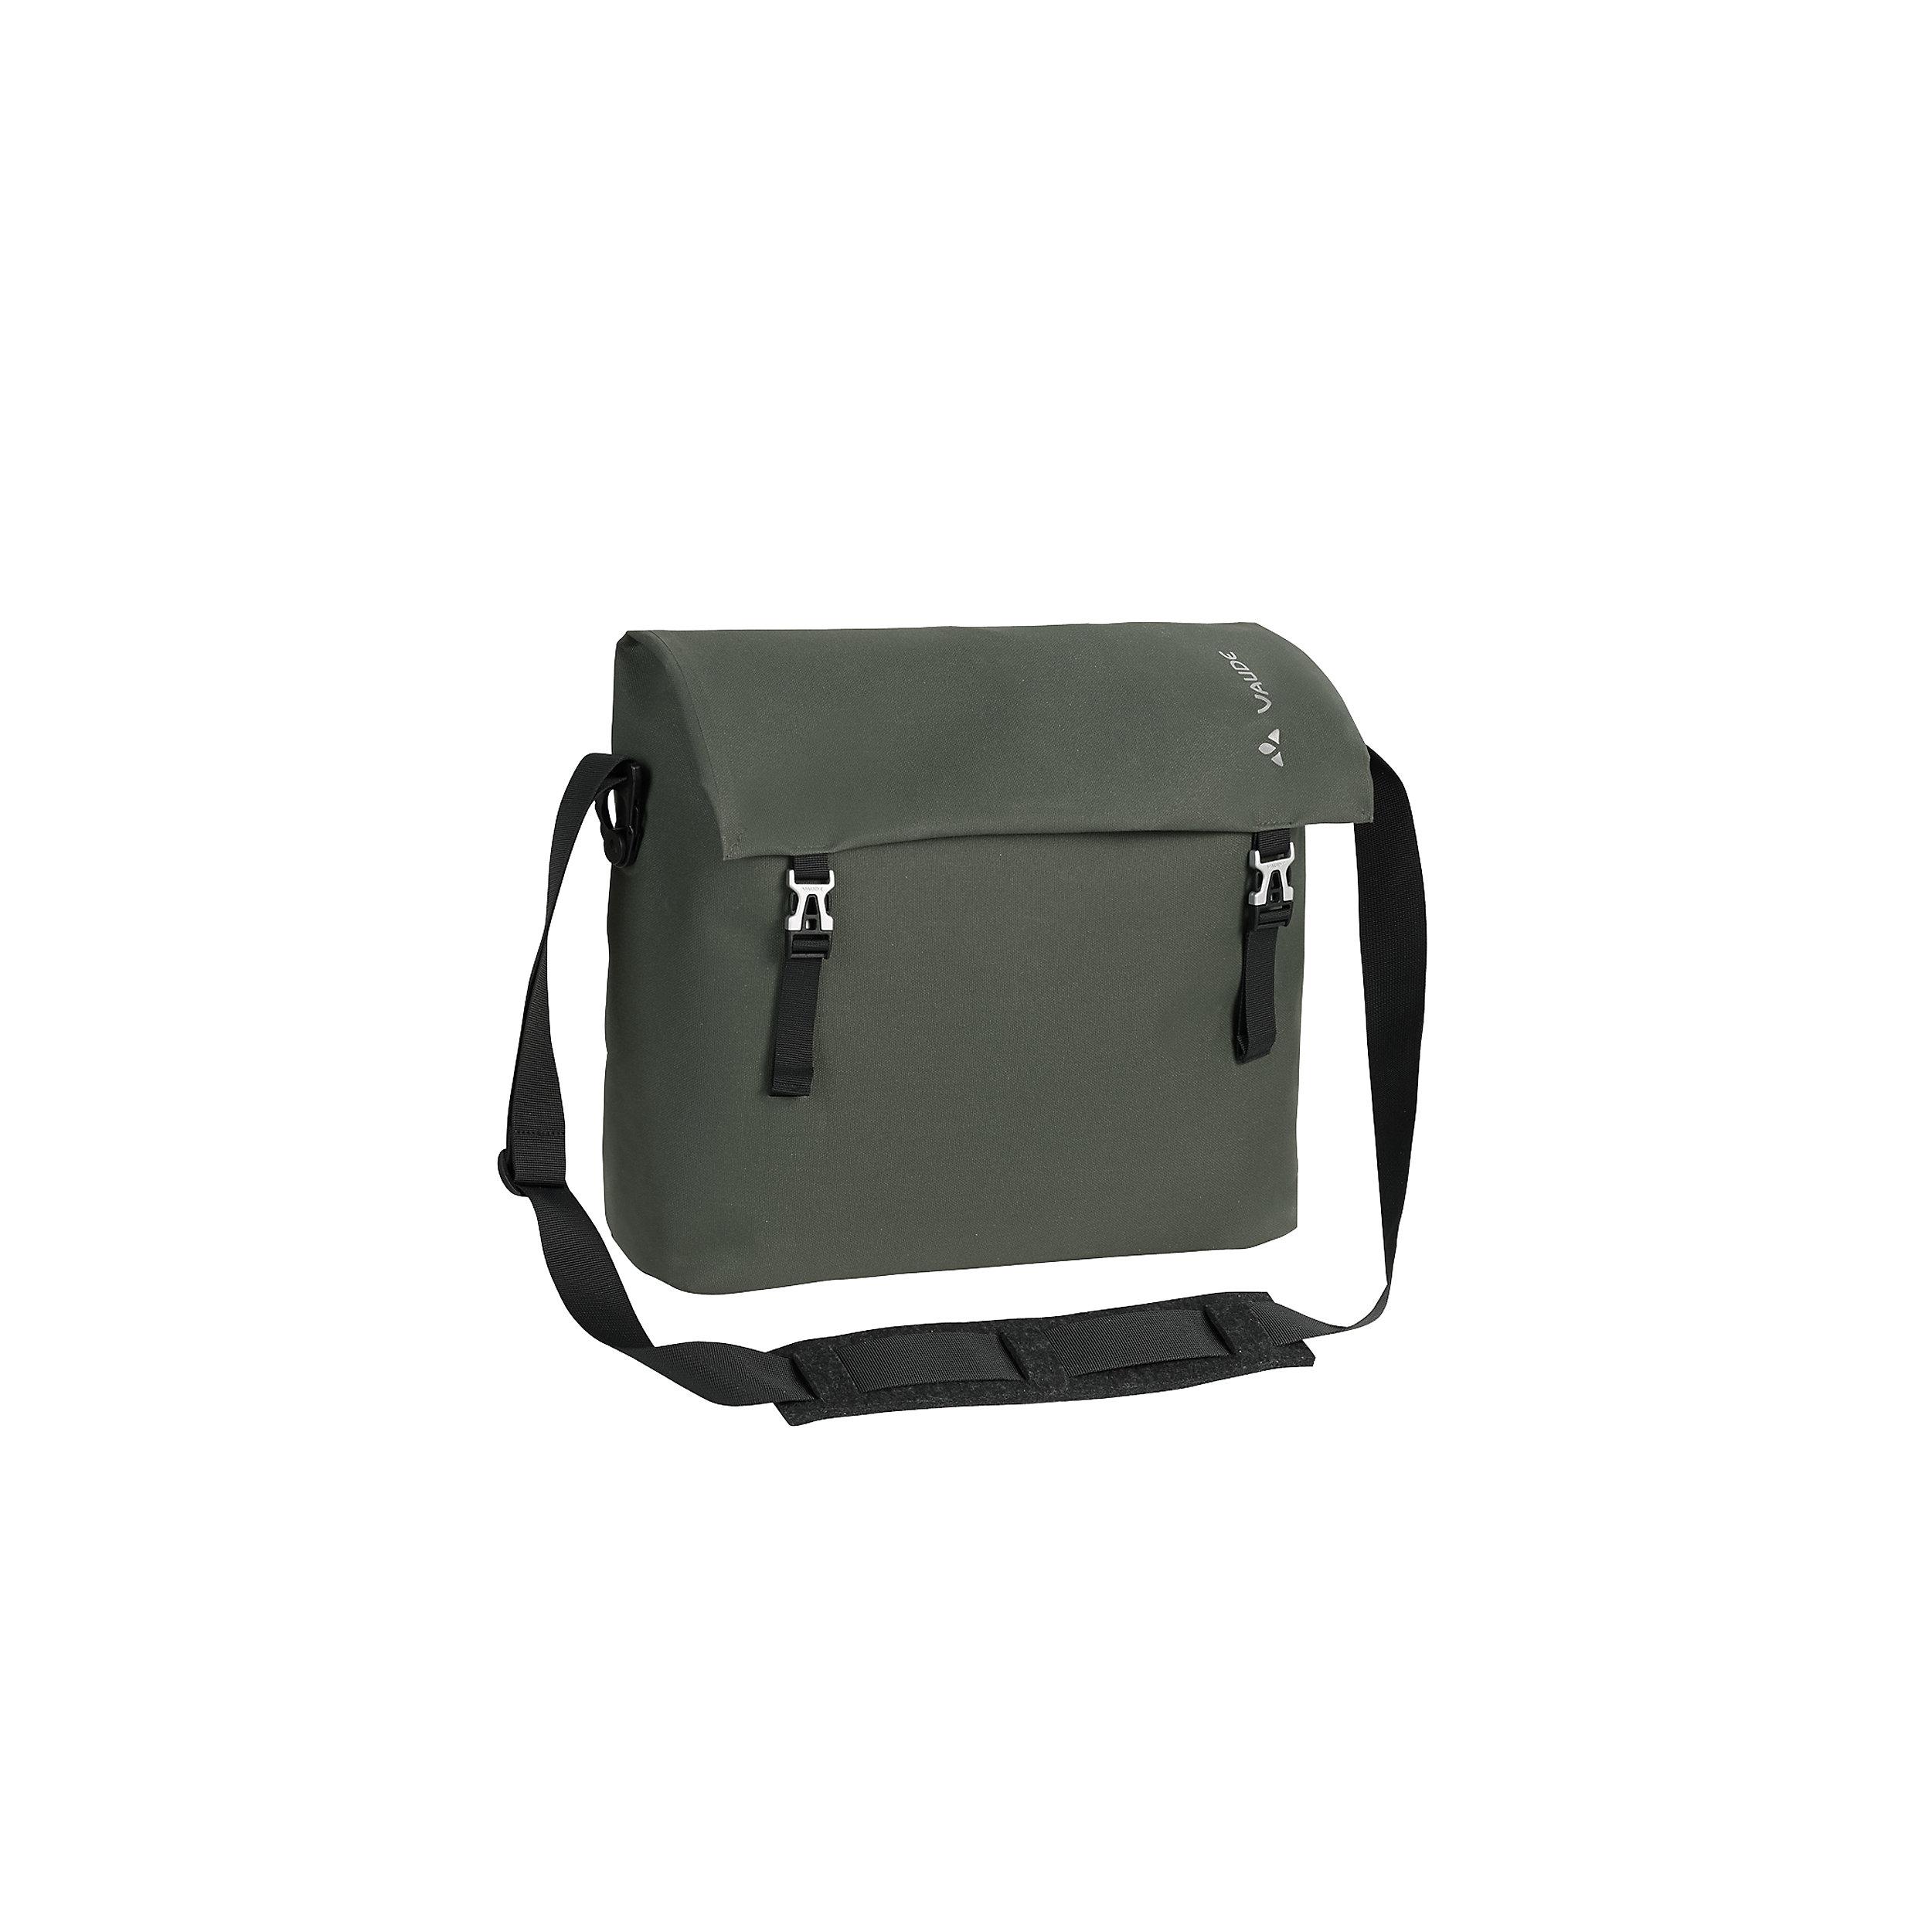 Messenger Bag Weiler M Made in Germany 14 Liter